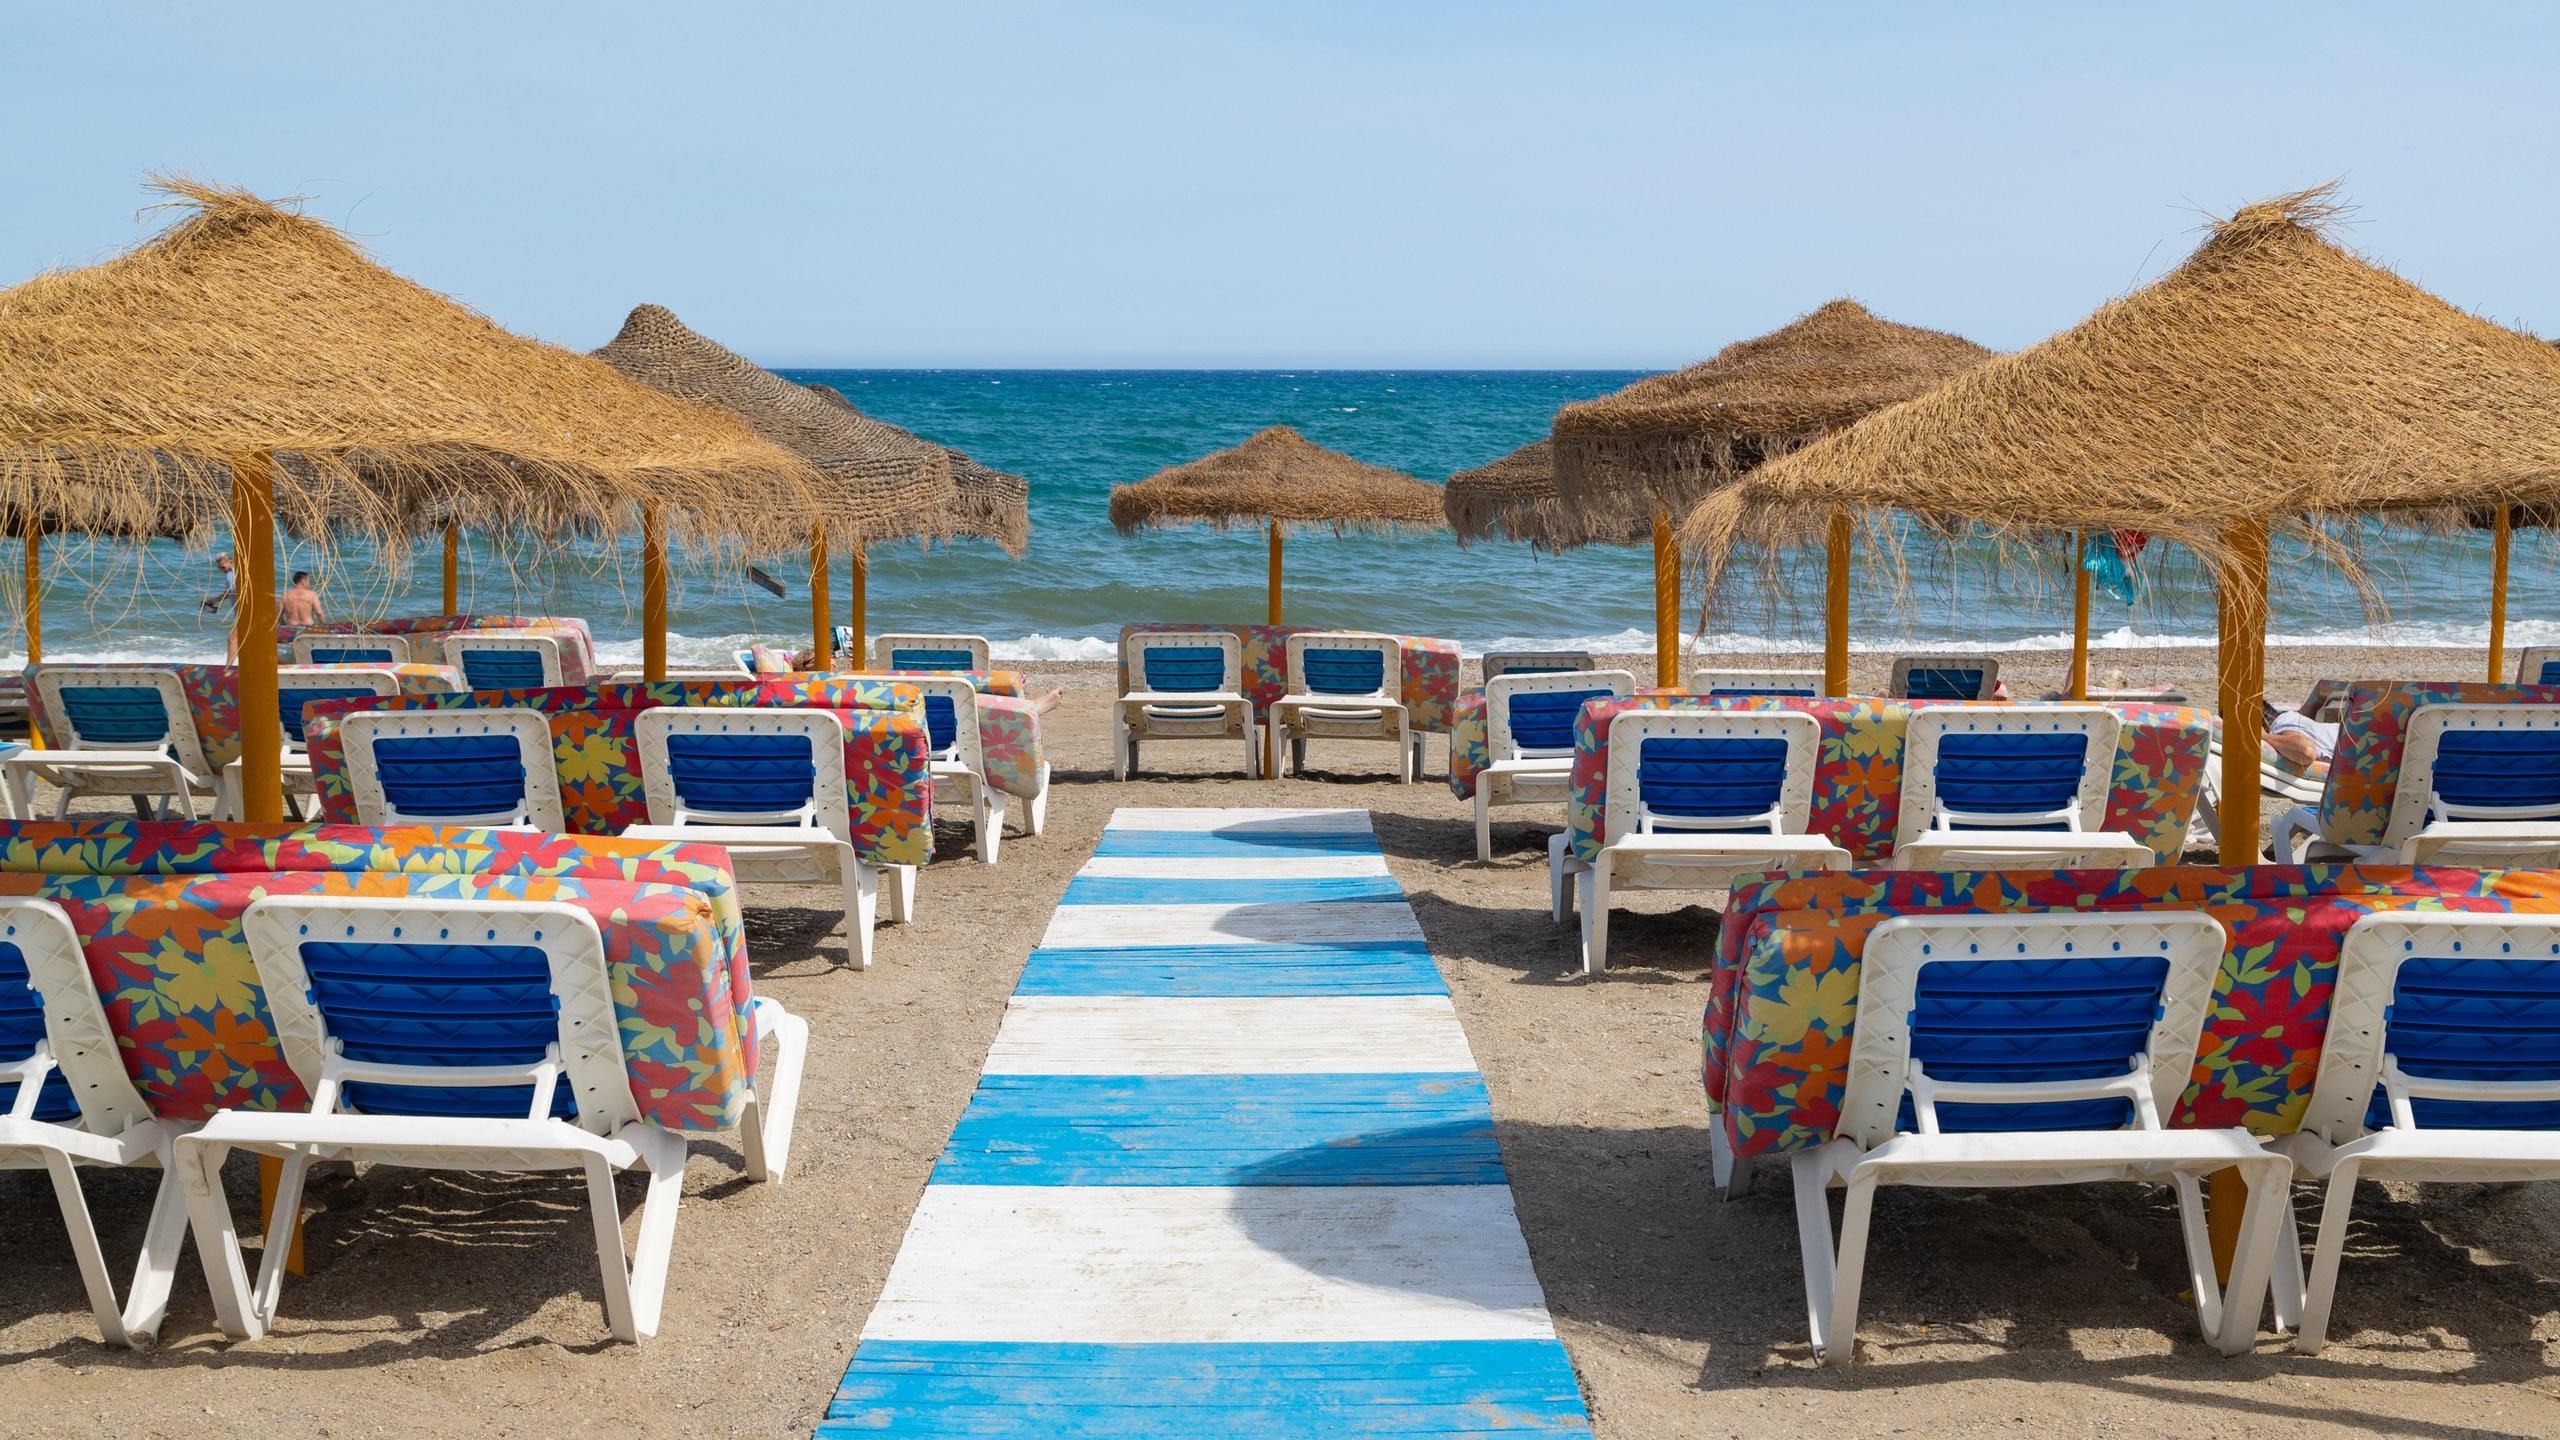 Playa Serena, Roquetas de Mar, Andalusia, Spain